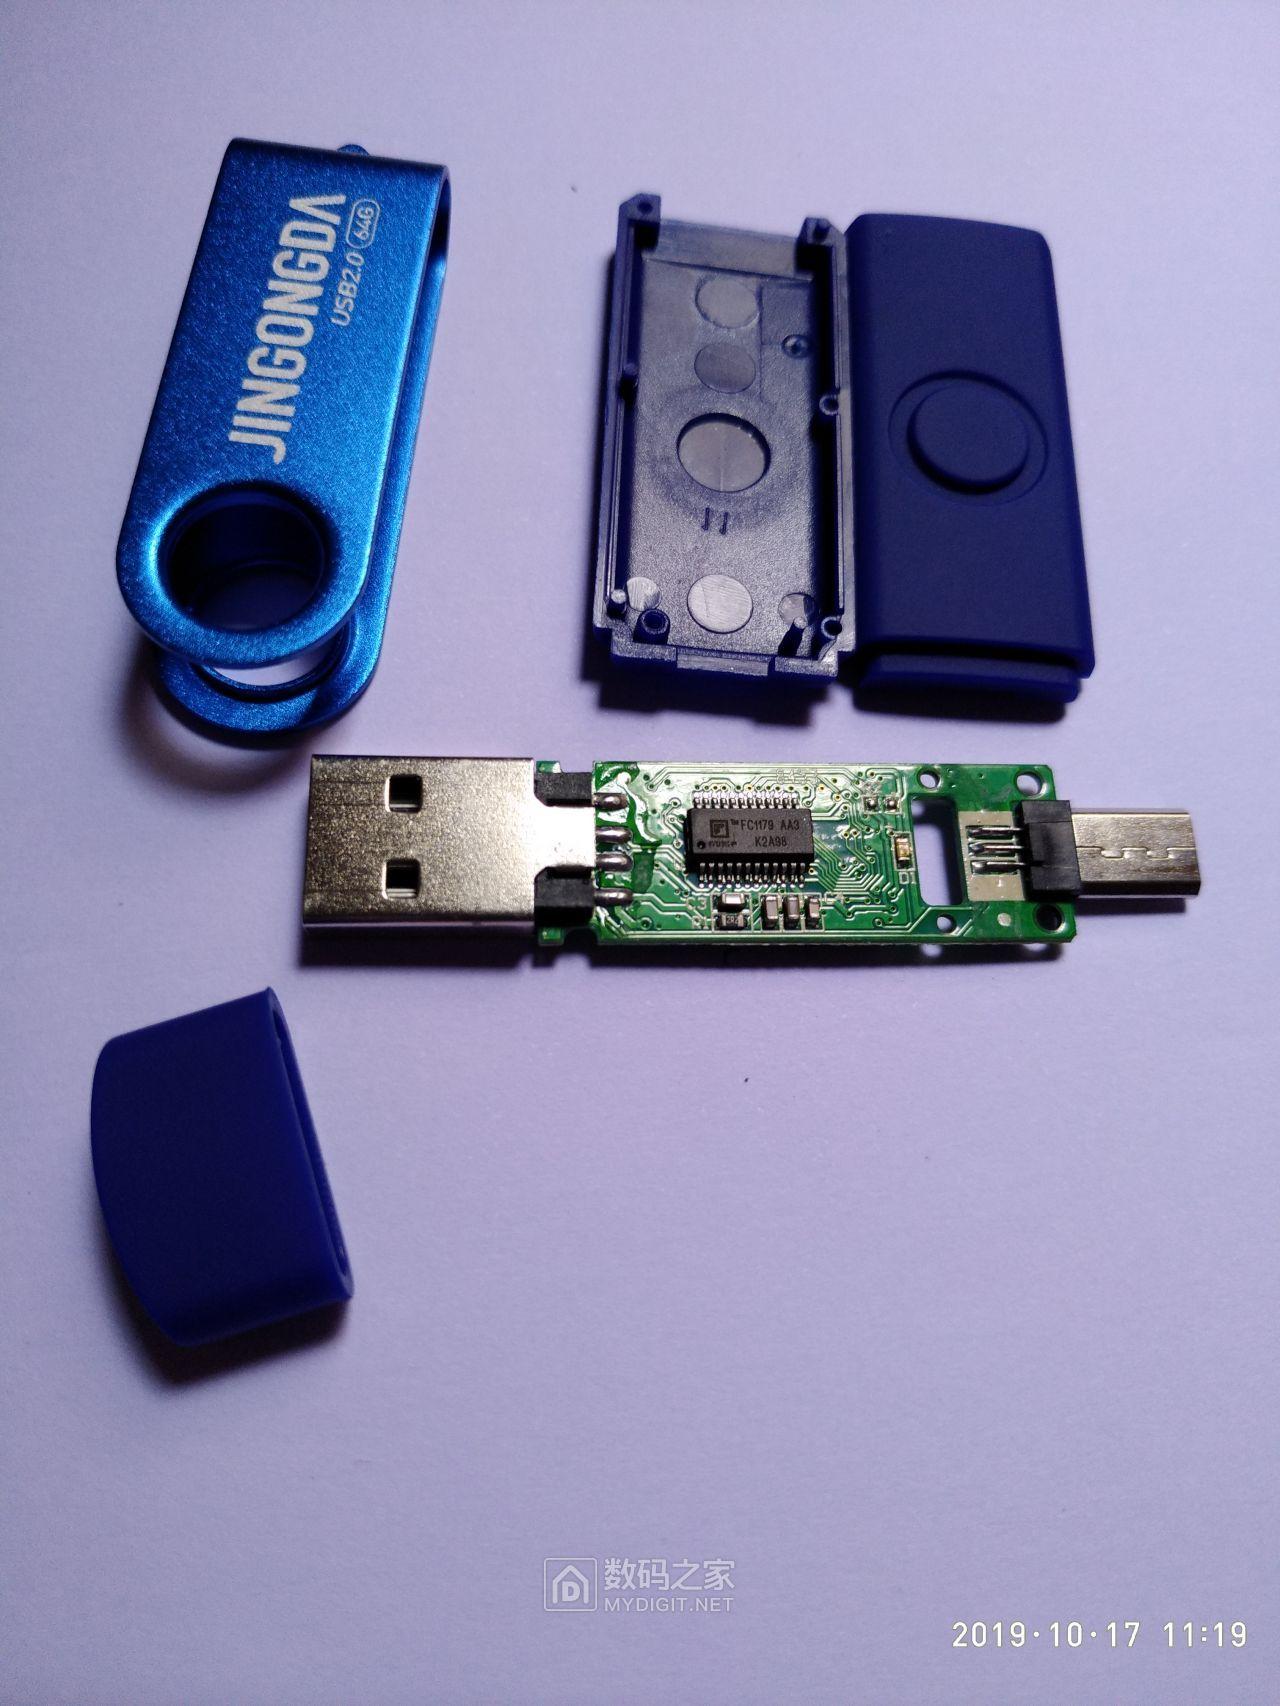 一芯的主控u盘,虽然没有扩容